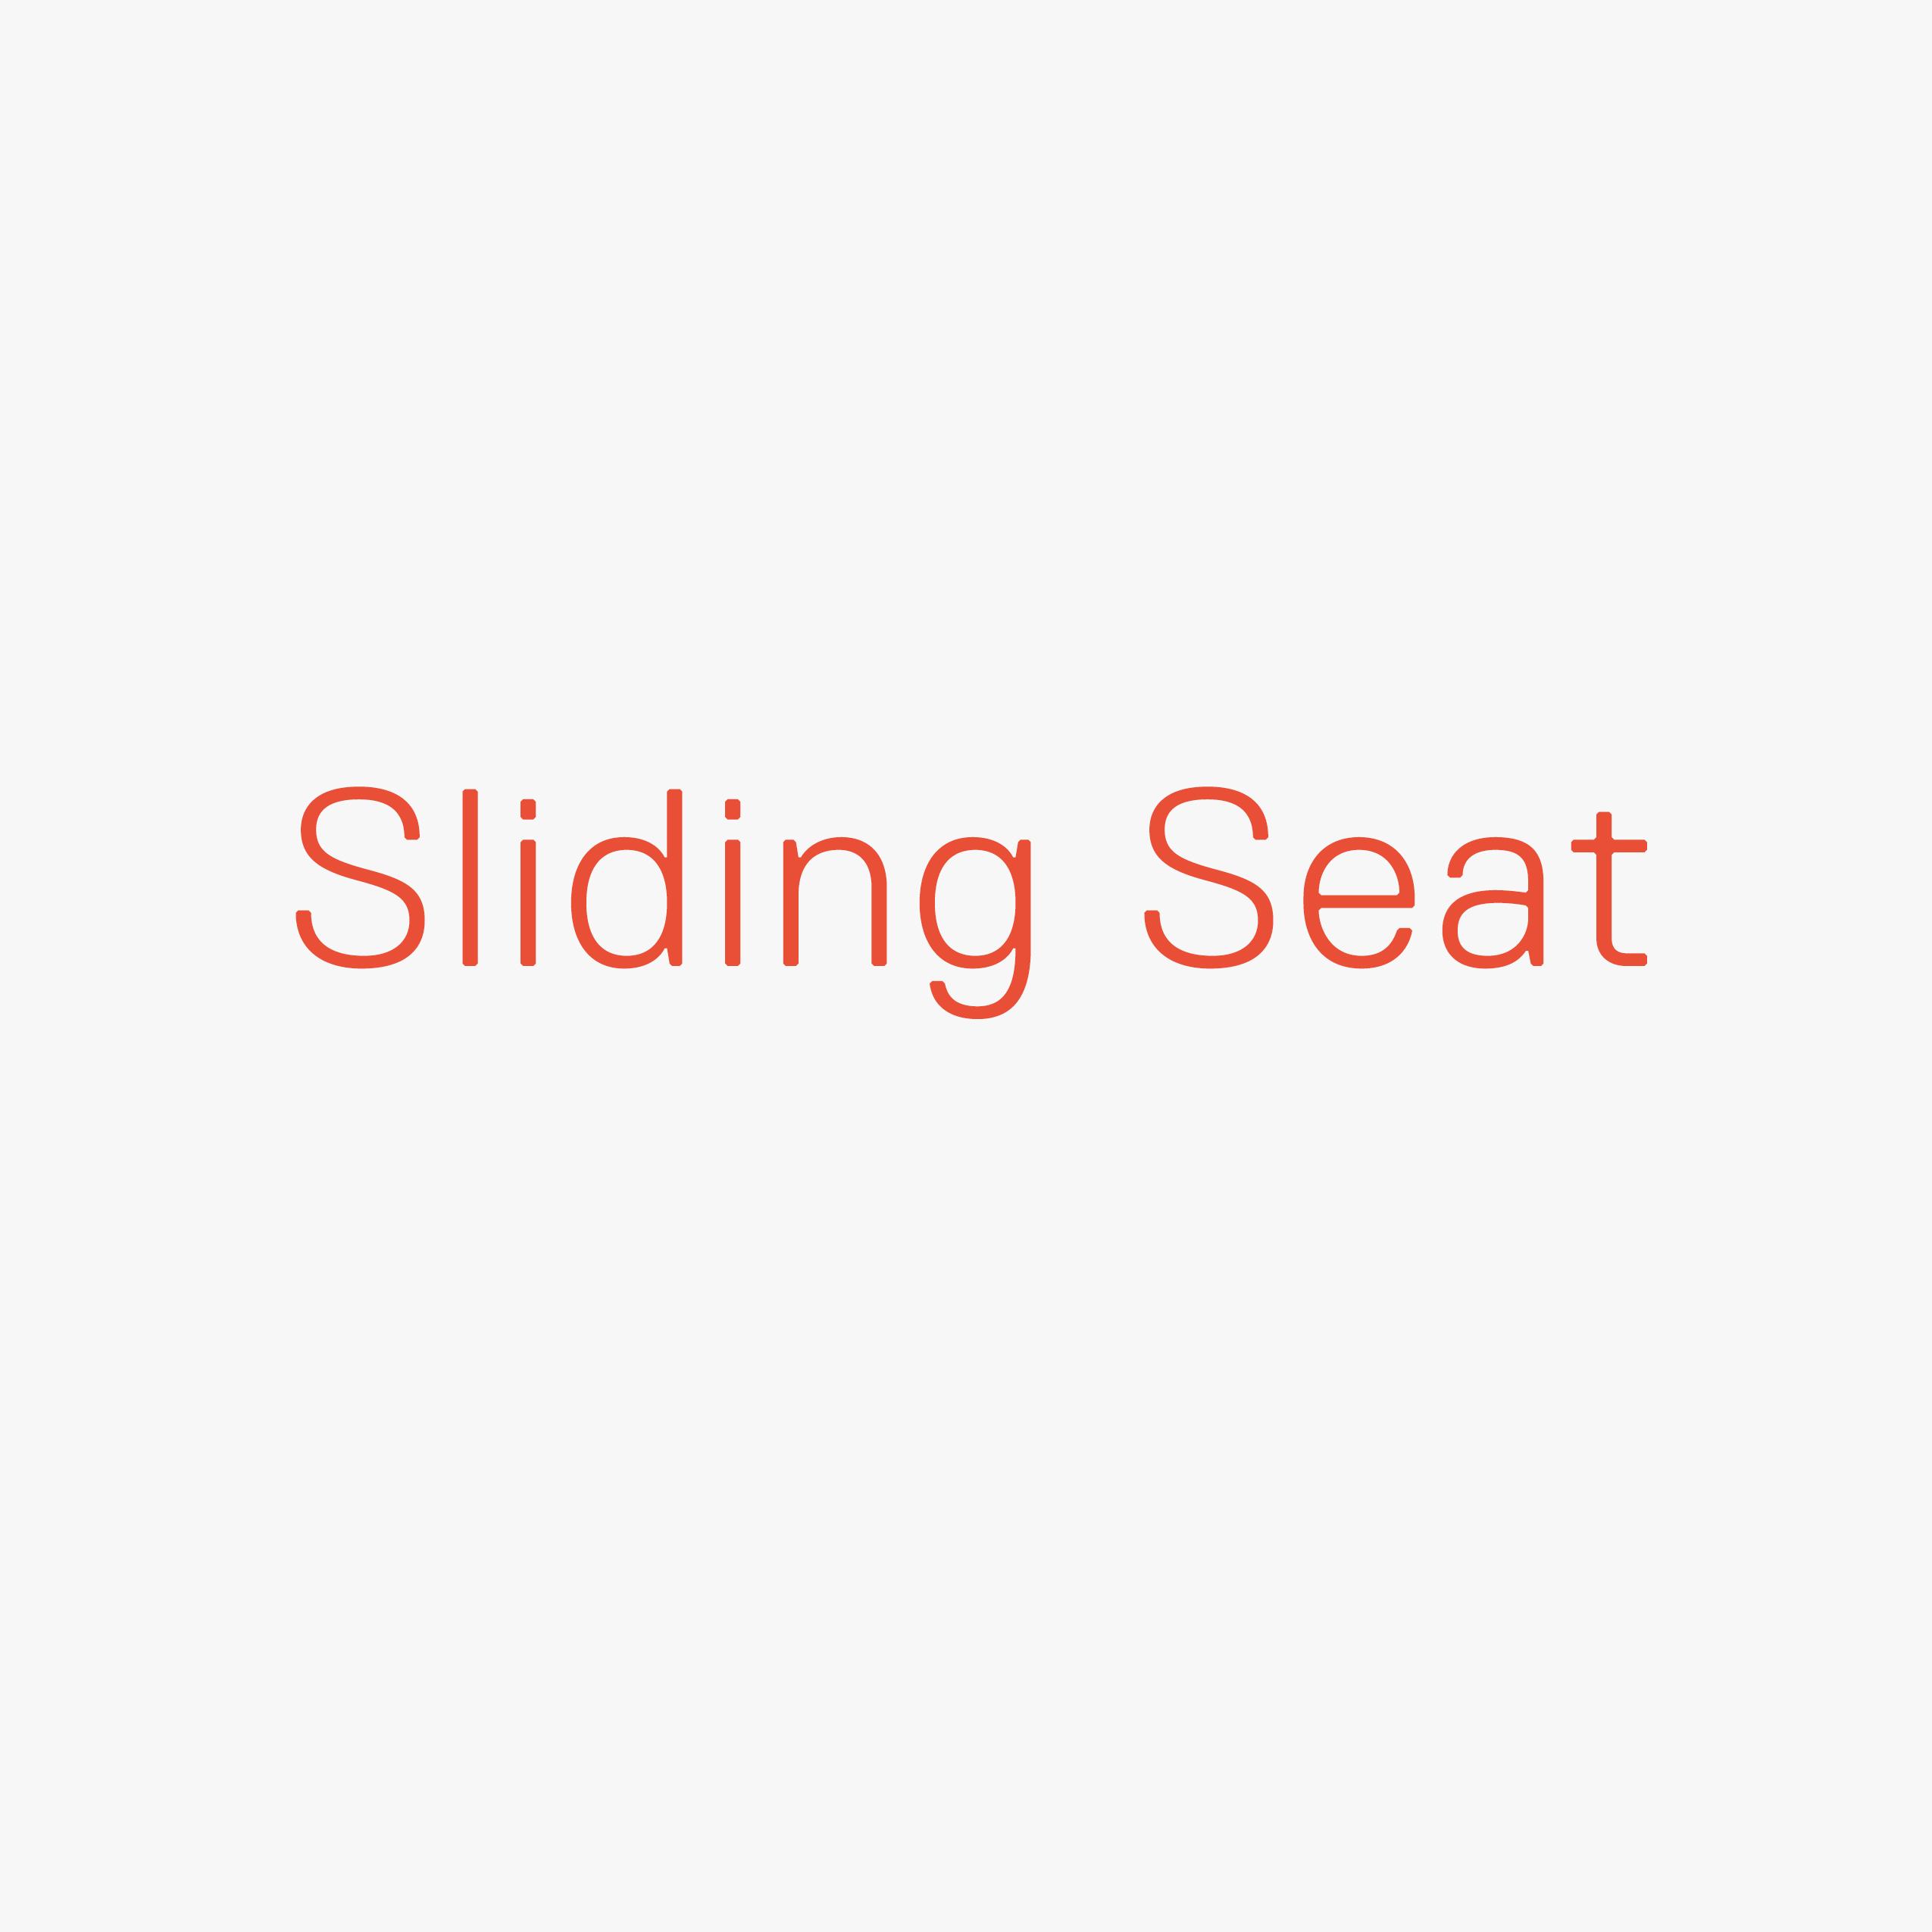 Sliding Seat Soffio